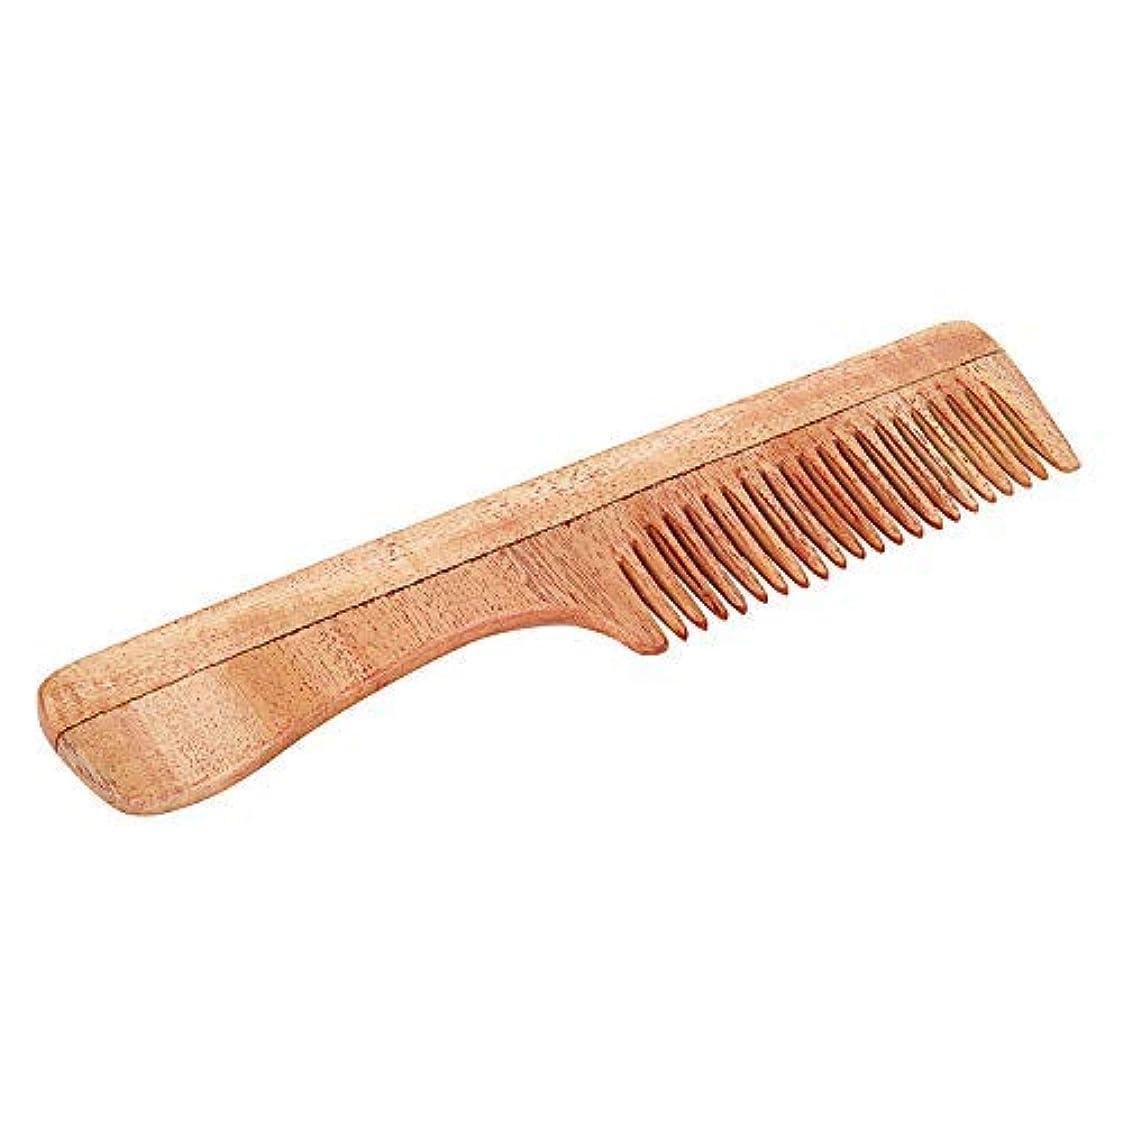 消える学部長側面SVATV Handcrafted Neem Wood Comb with Handle N-73 (7